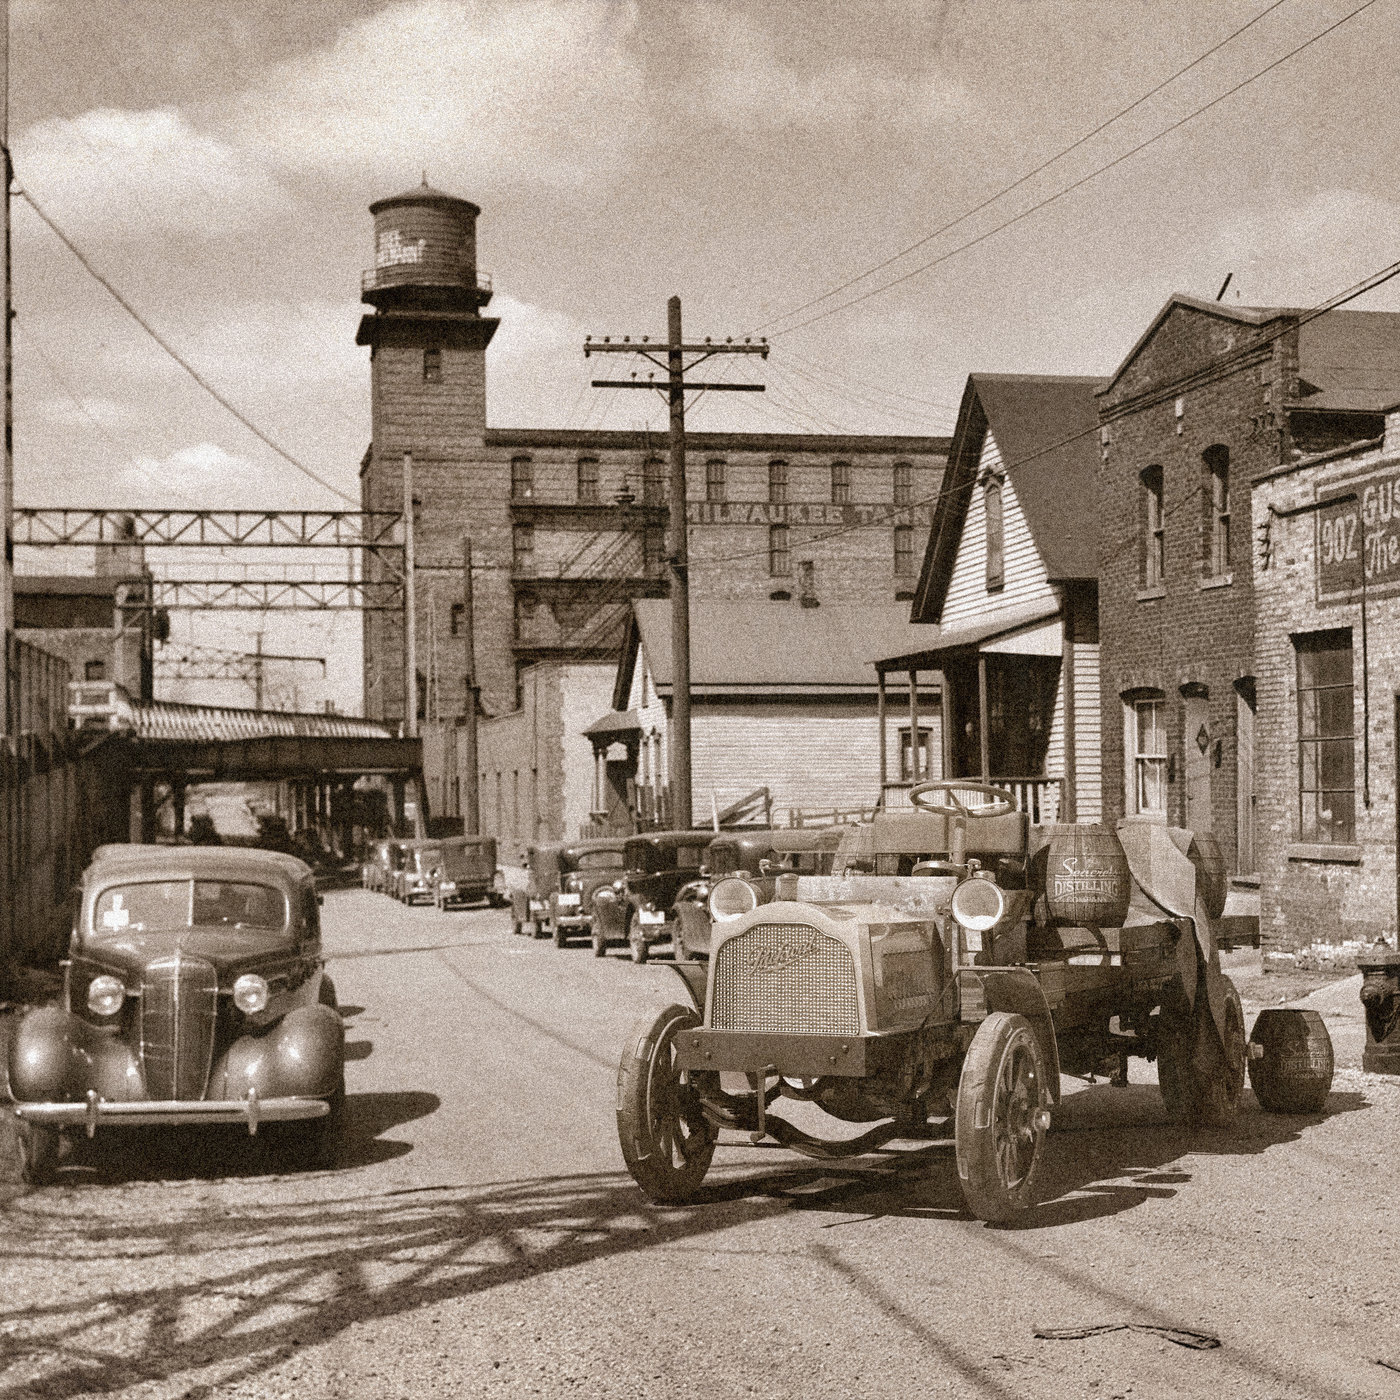 Packard_2Ton truck